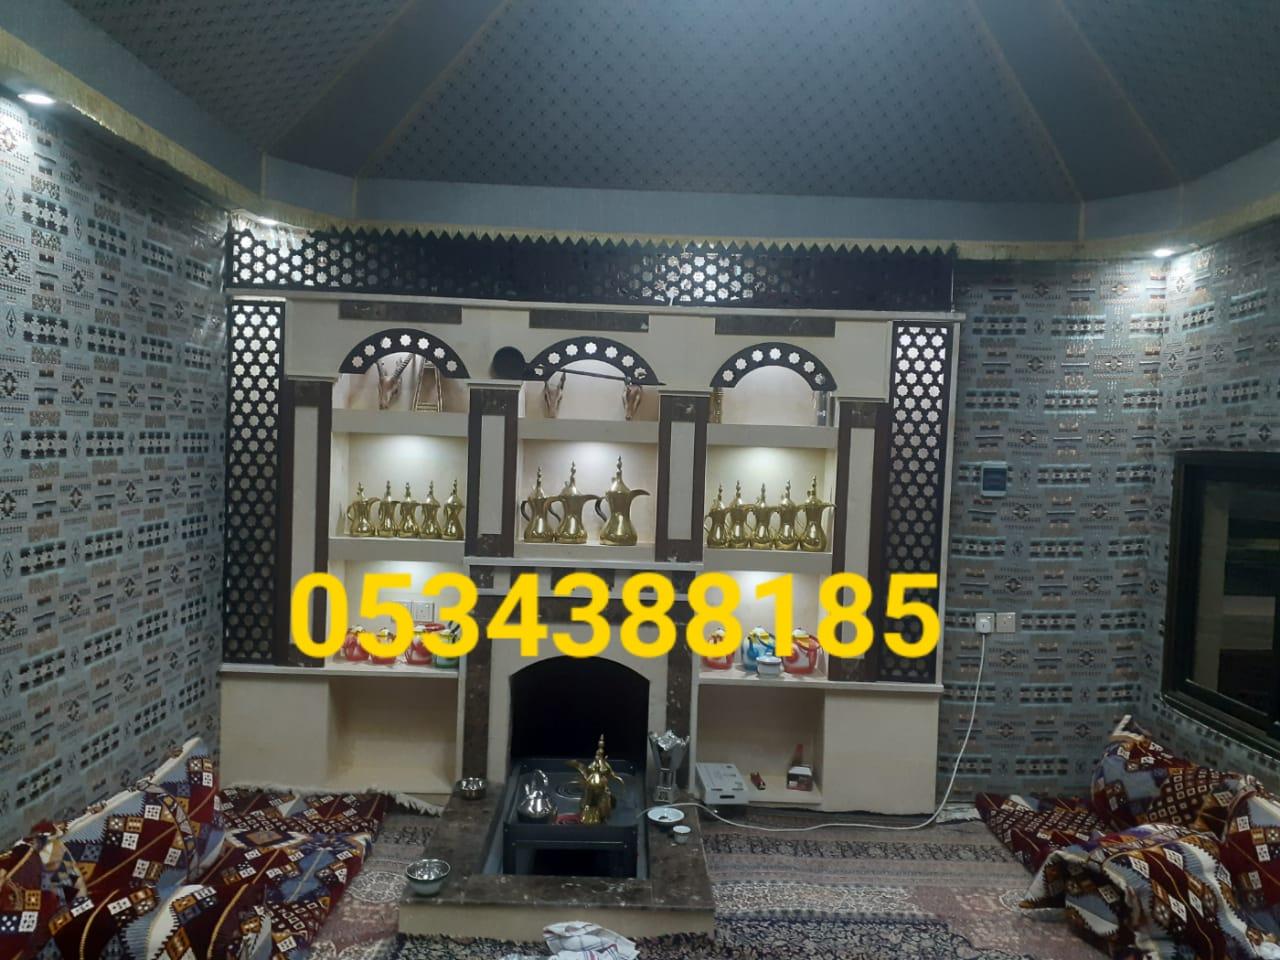 مشبات , تصميم ديكورات مشبات , اشكال ديكورات مشبات , 0534388185 , مشبات رخام وحجر , P_1636on8la1